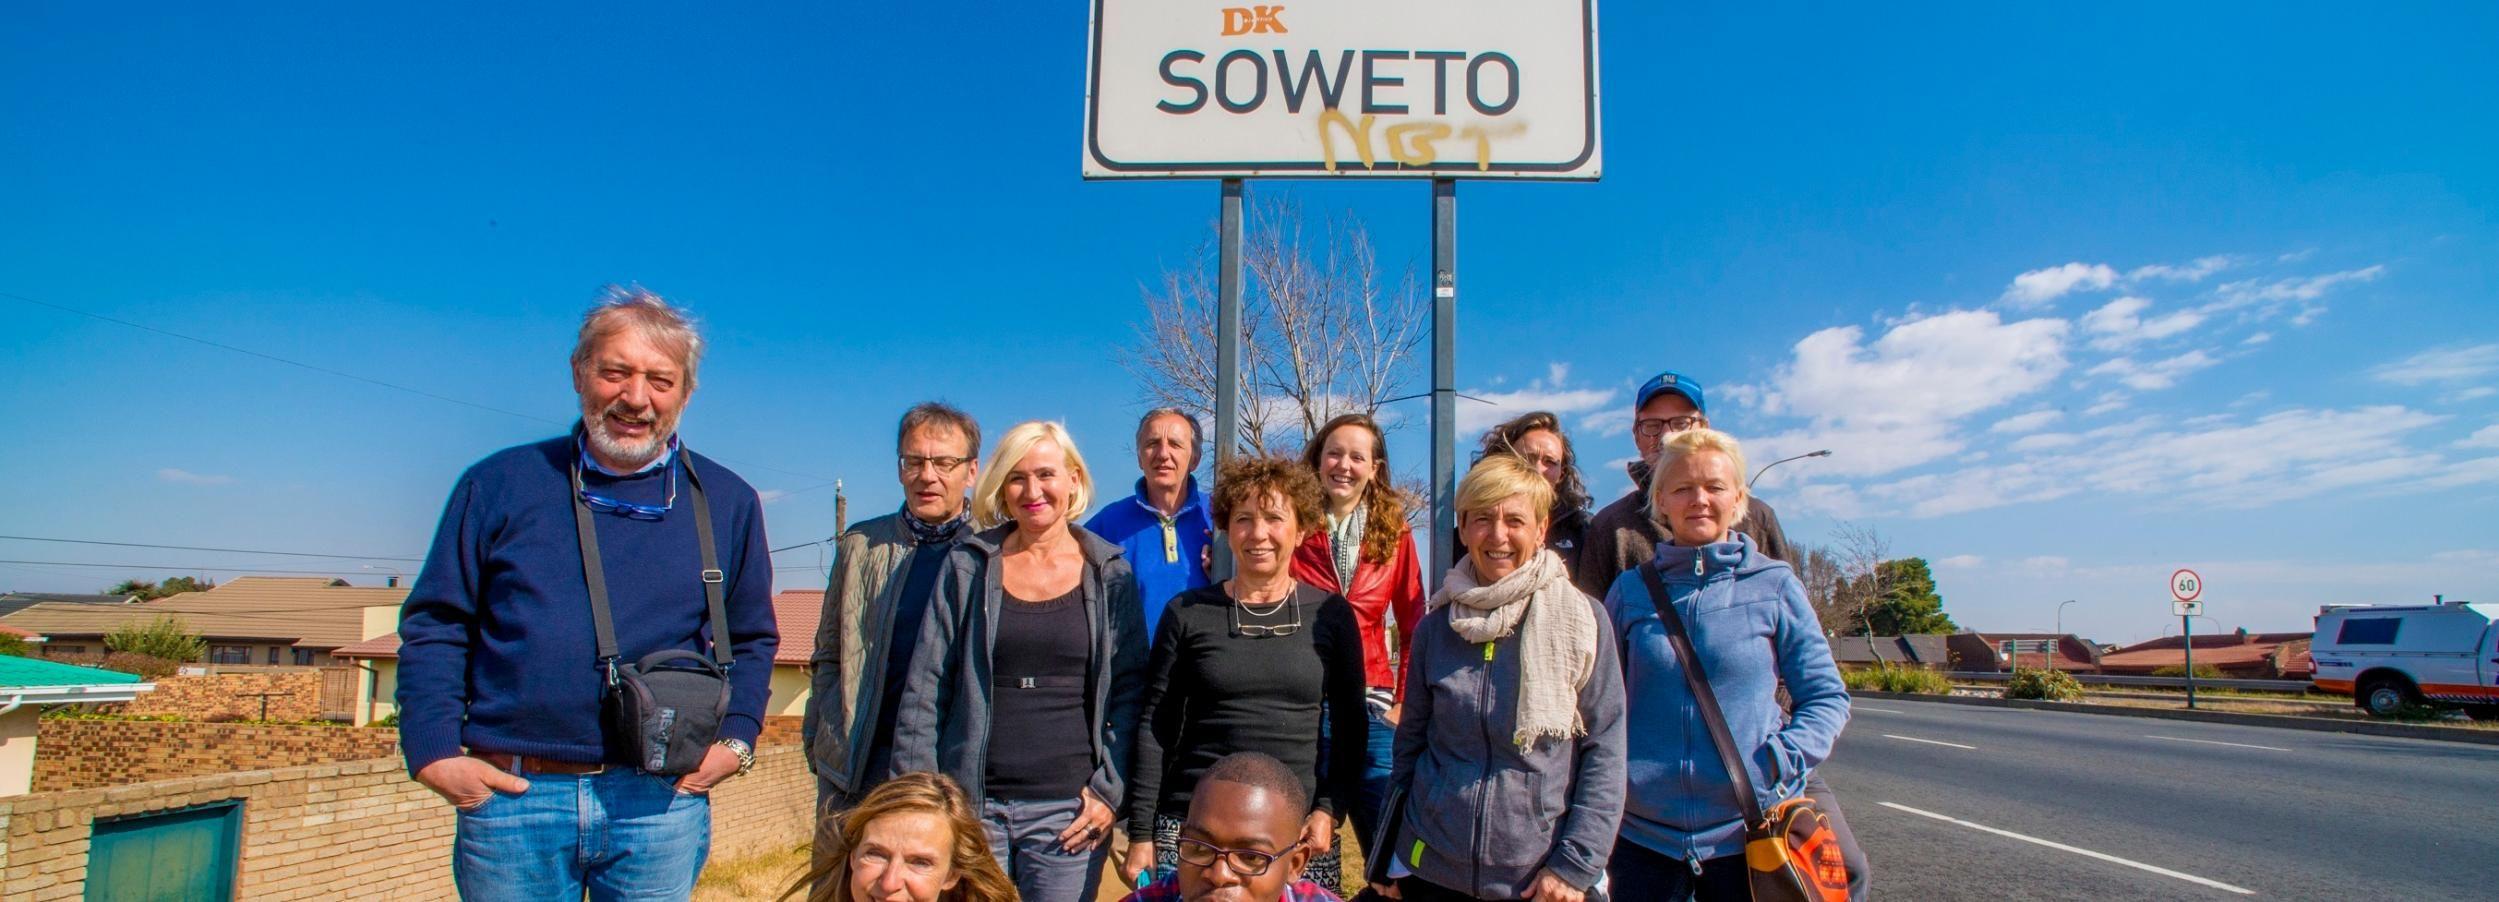 Johannesburg: visite de l'apartheid et du canton de Soweto avec déjeuner